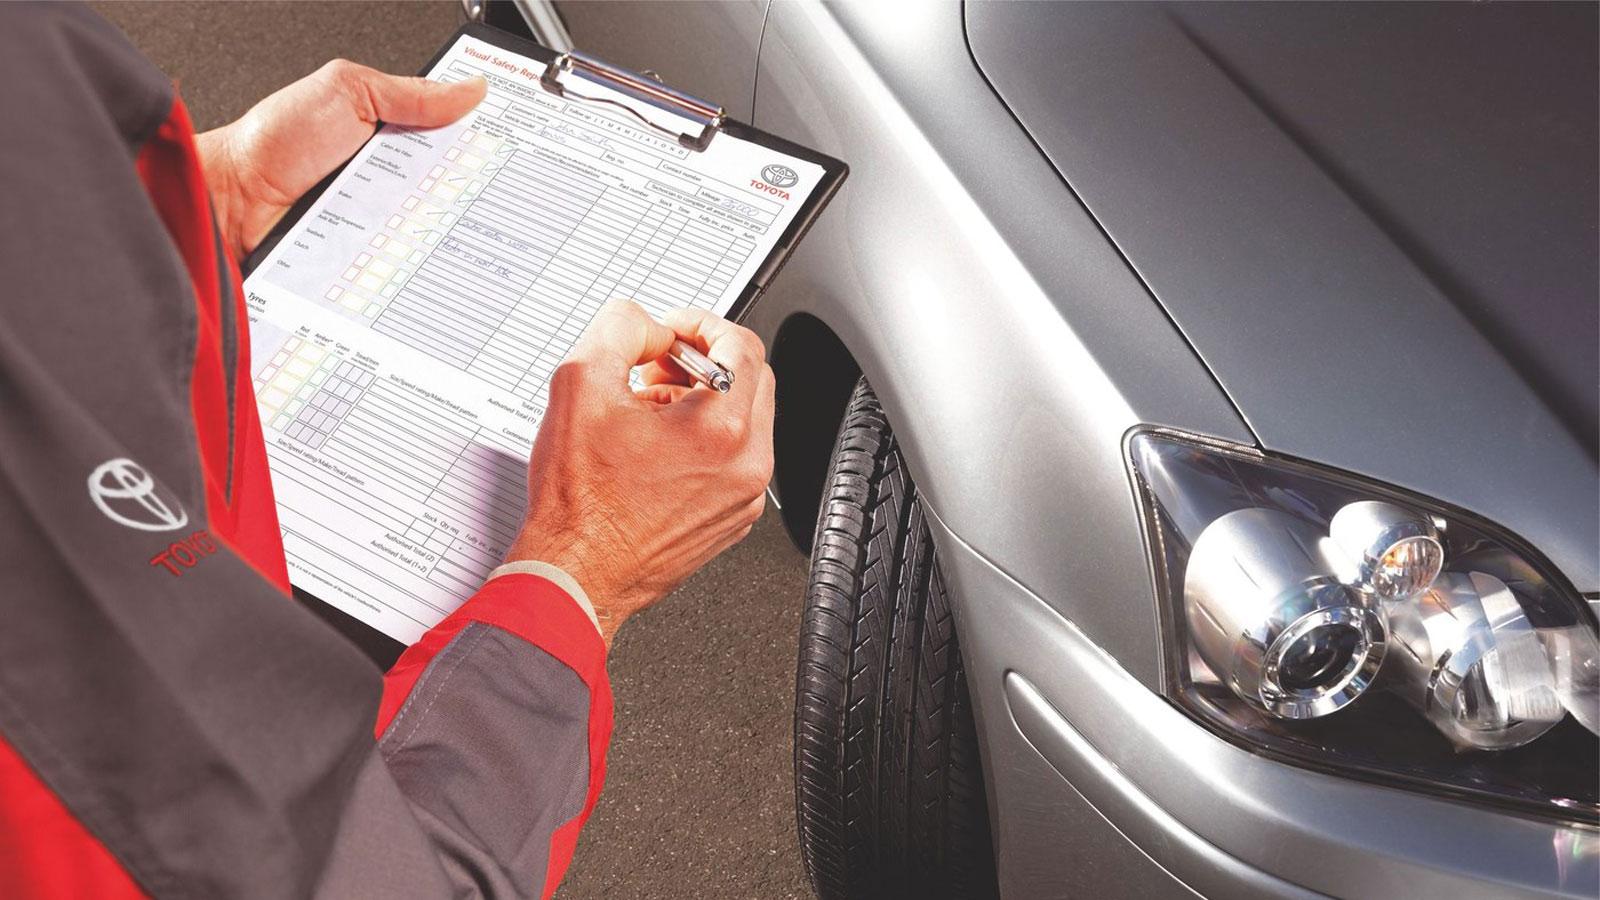 Автомобиль и заполнение бланка